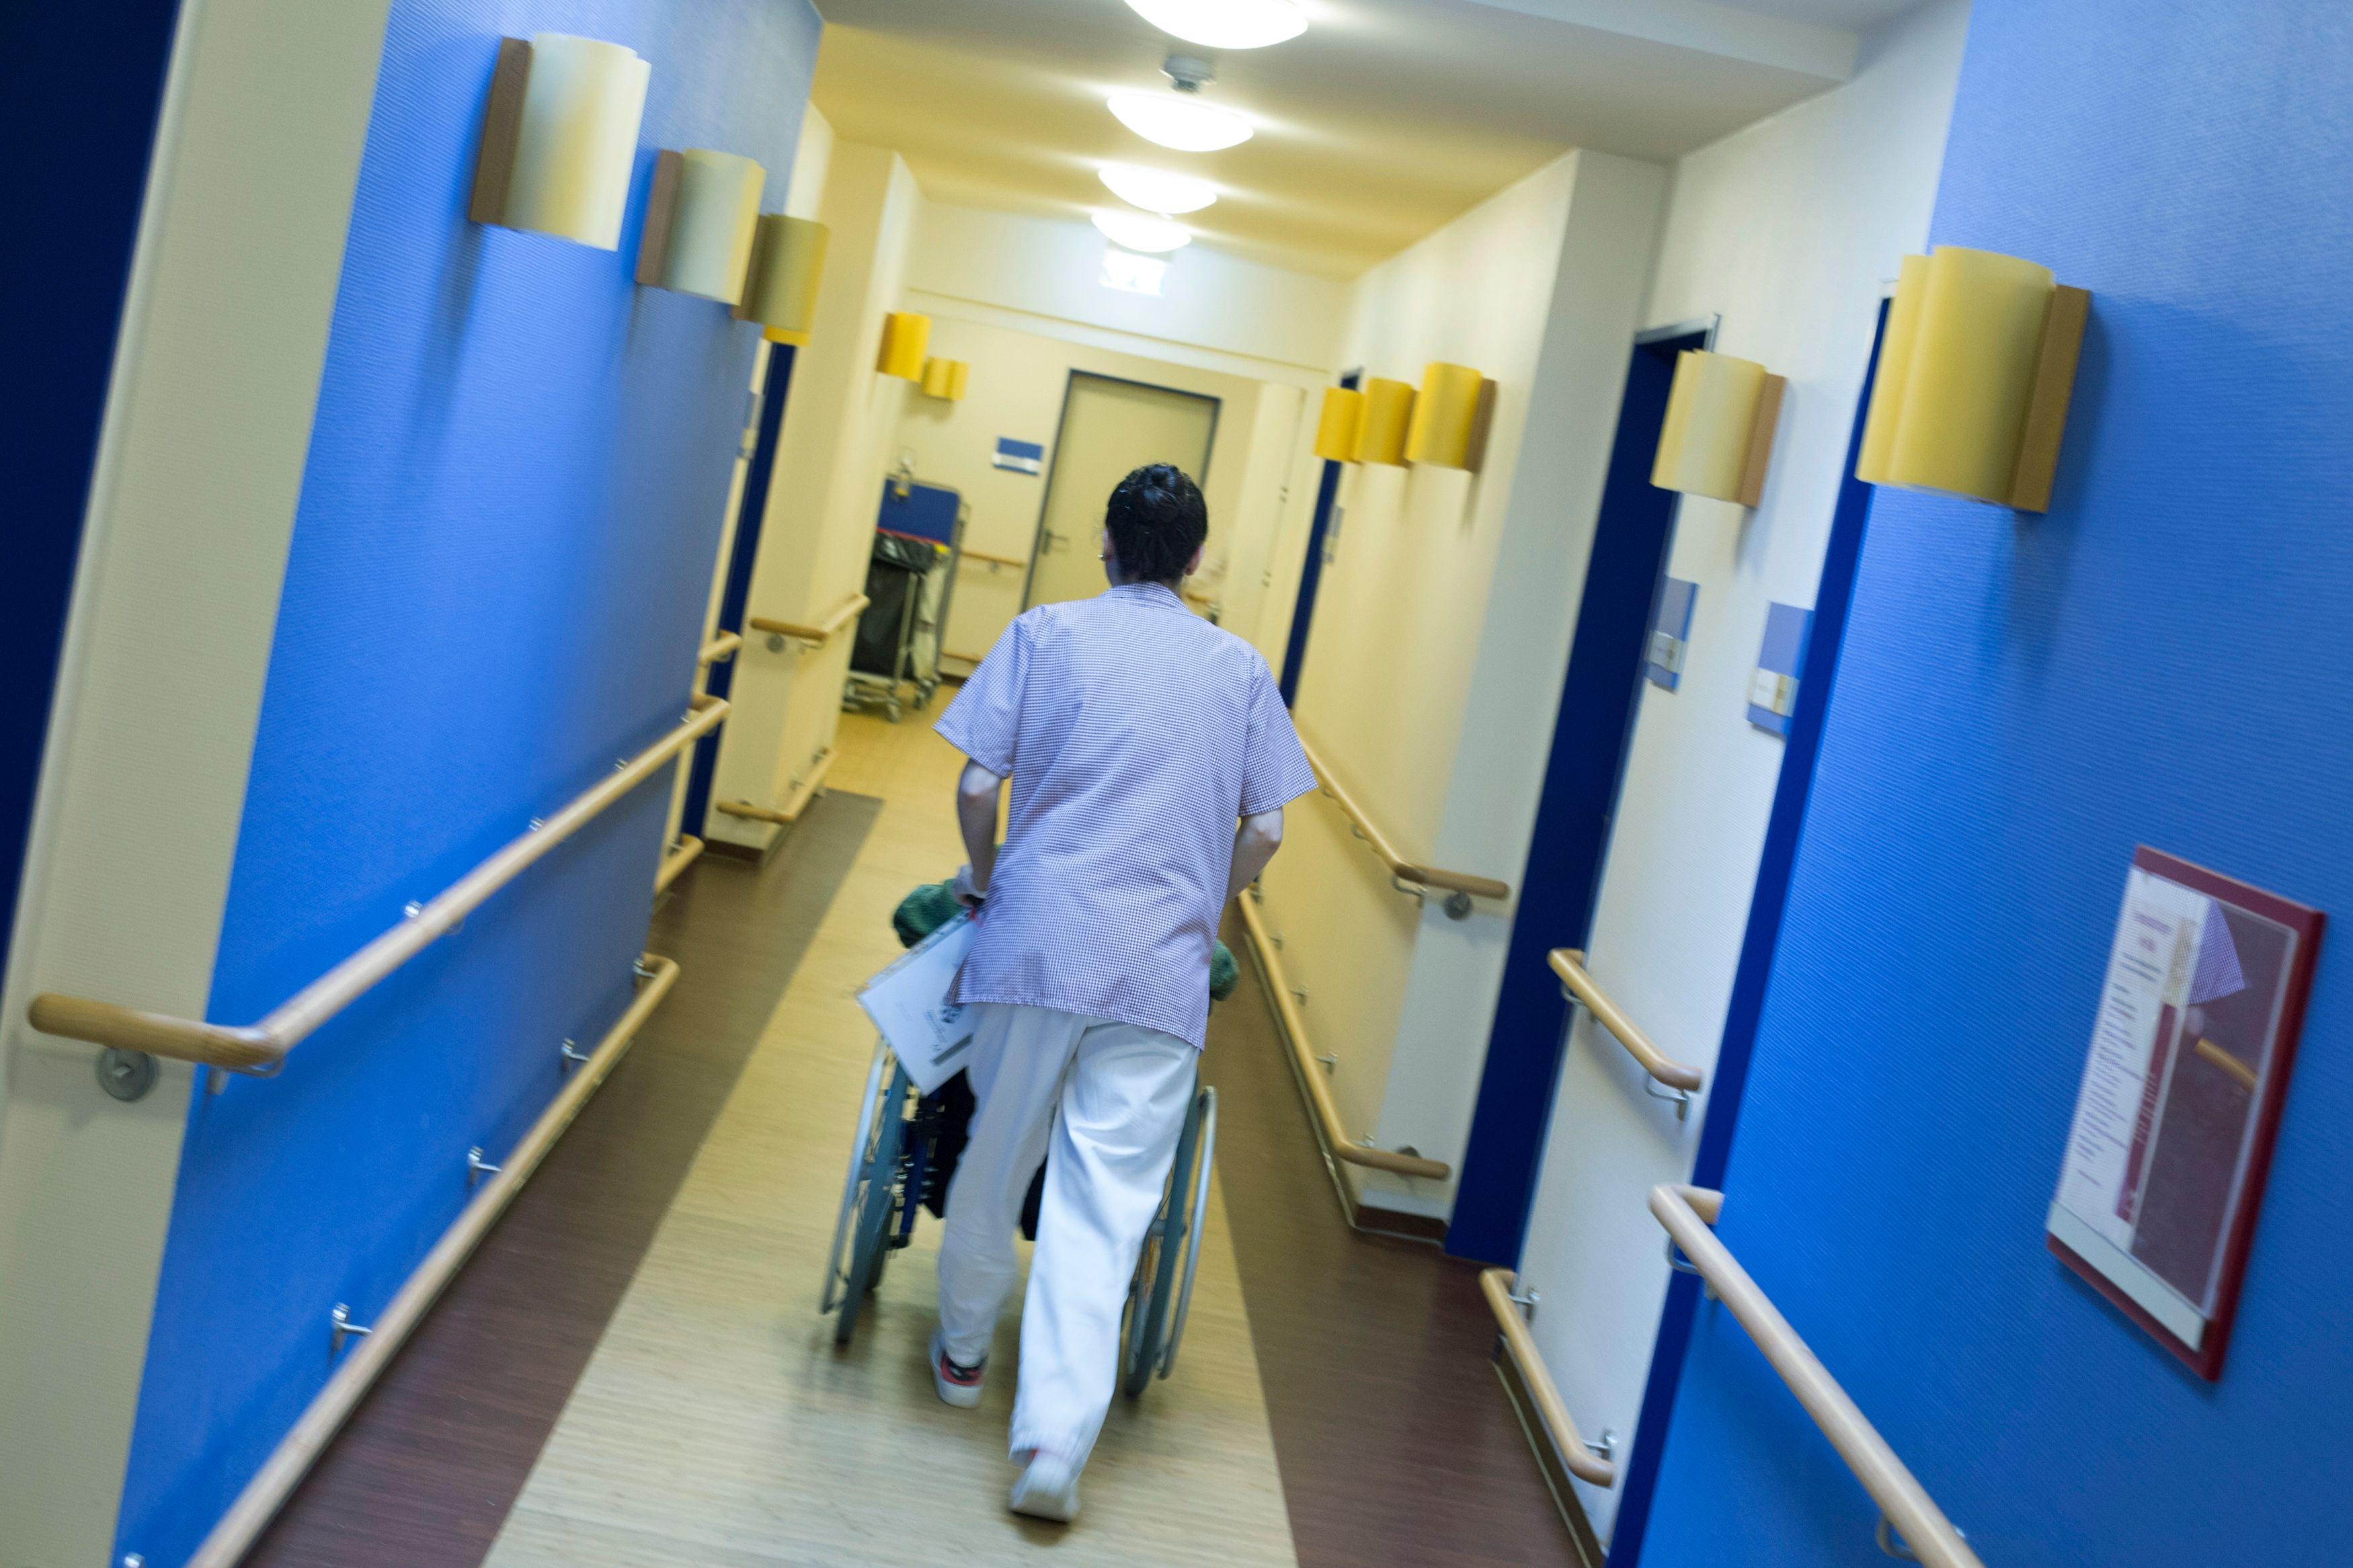 Les hôpitaux publics voient leur déficit exploser et tripler en un an pour atteindre 1,5 milliard d'euros en 2017